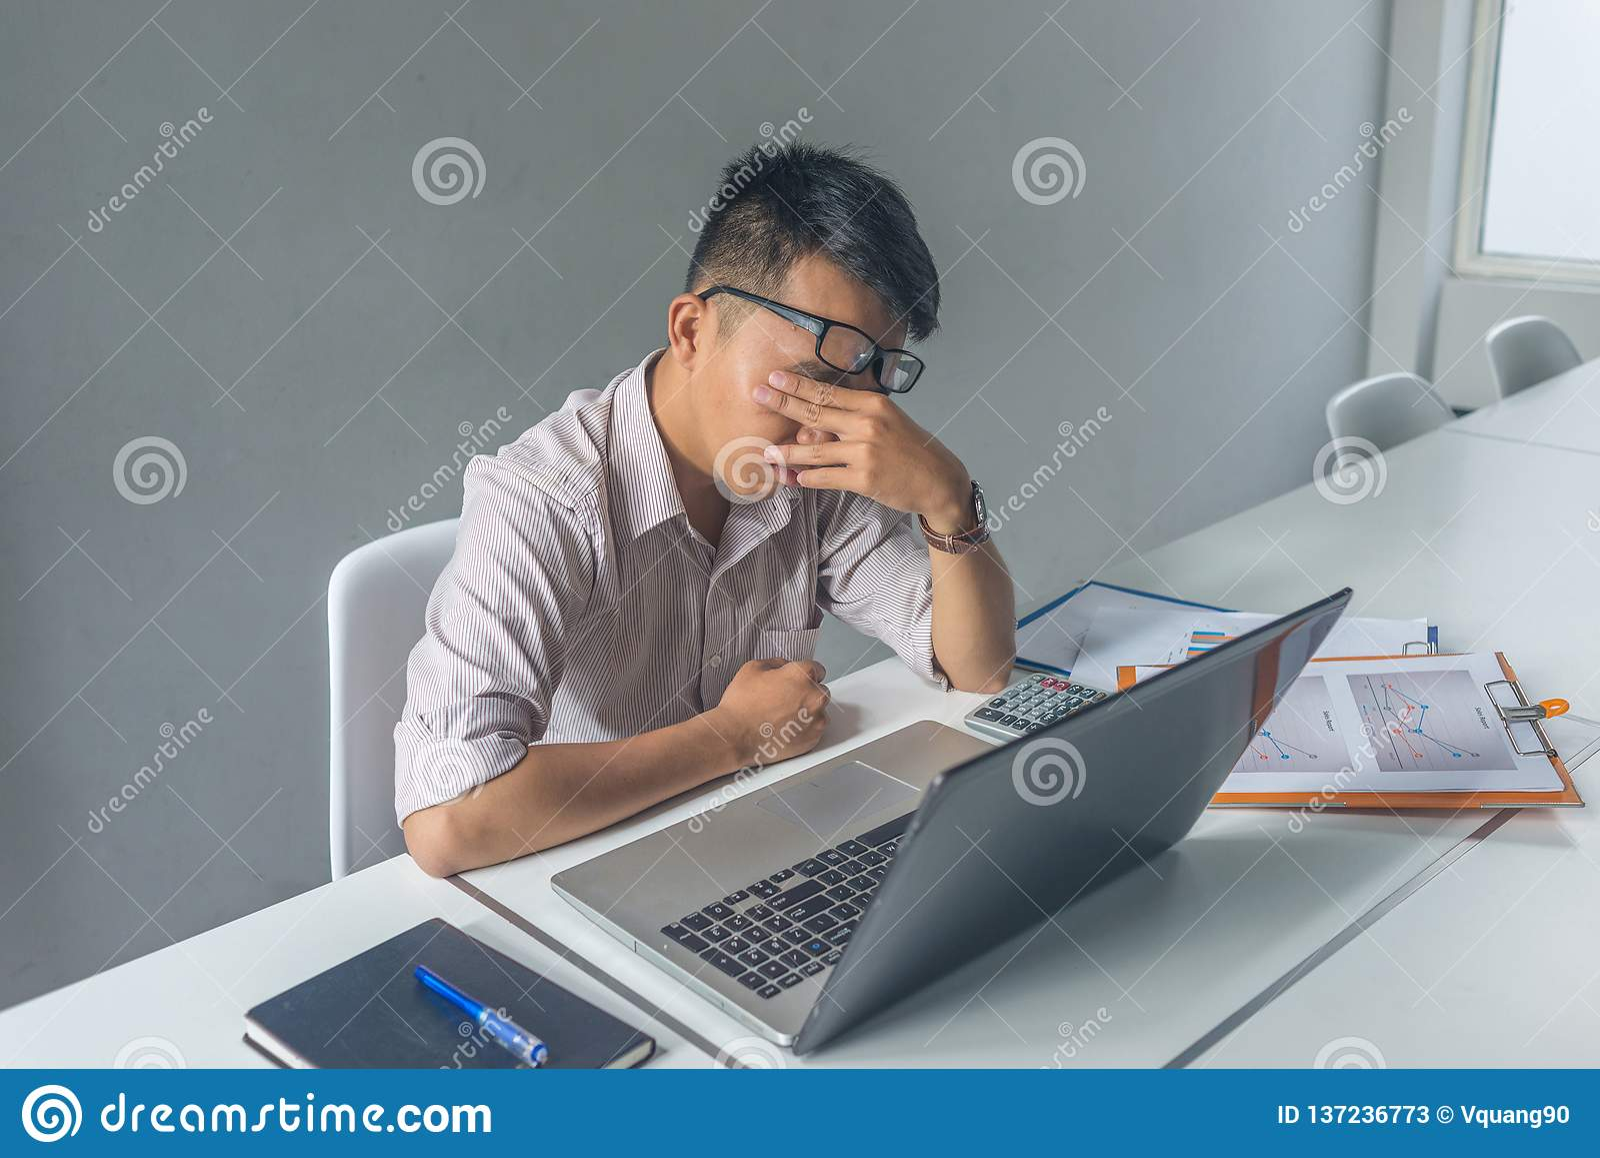 Ung asiatisk anställd att känna sig trött och frustrerat med jobb